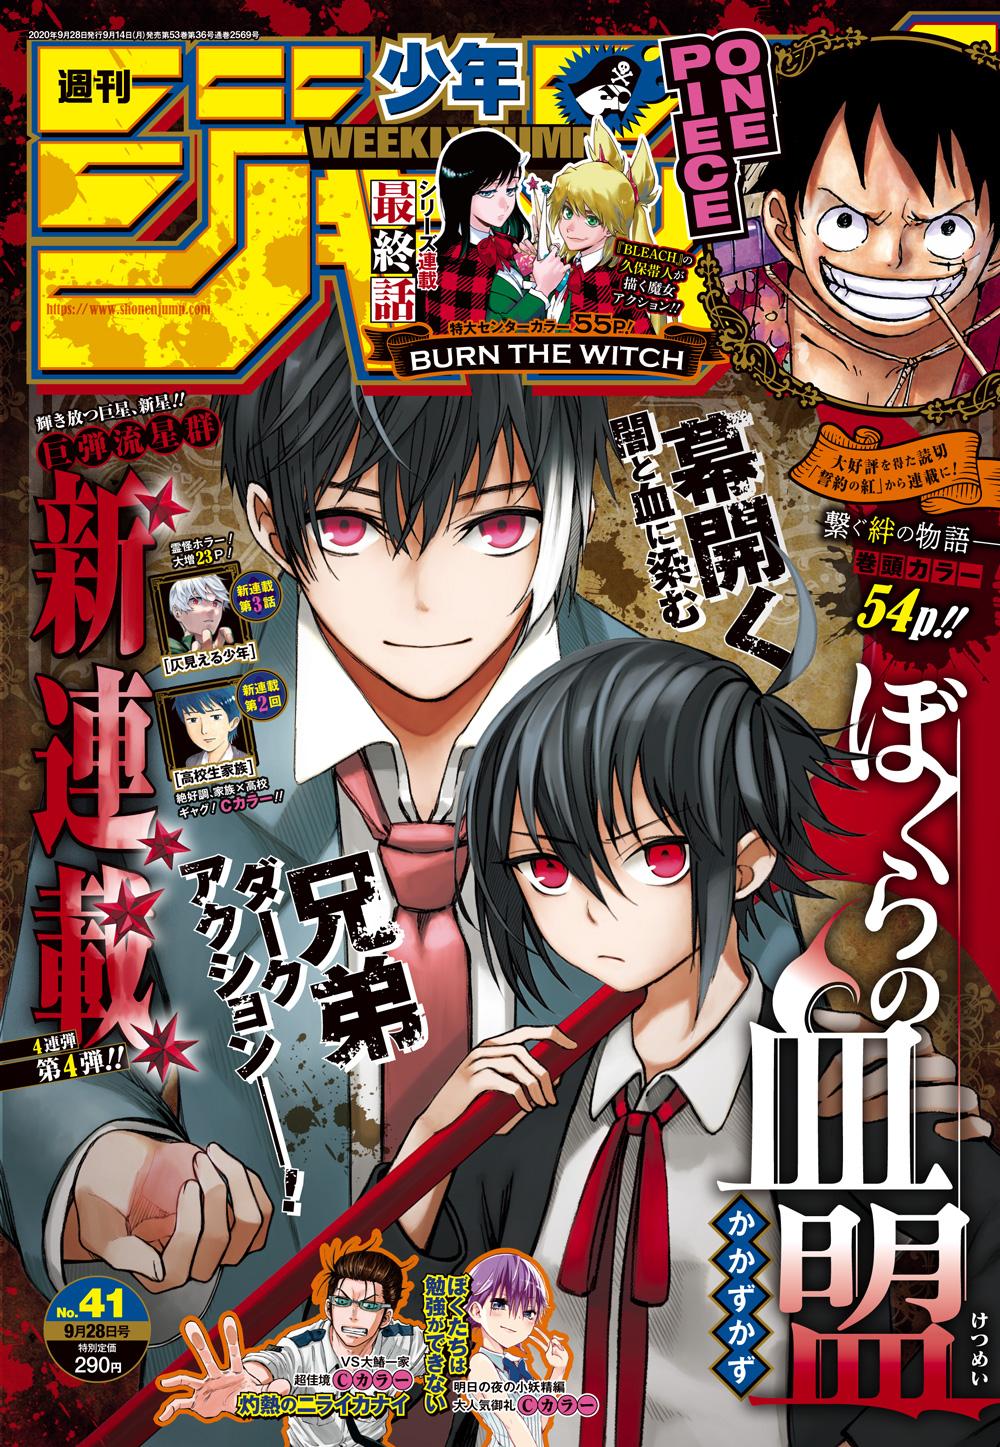 週刊少年ジャンプ 2020年41号 [Weekly Shonen Jump 2020 No.41+RAR]